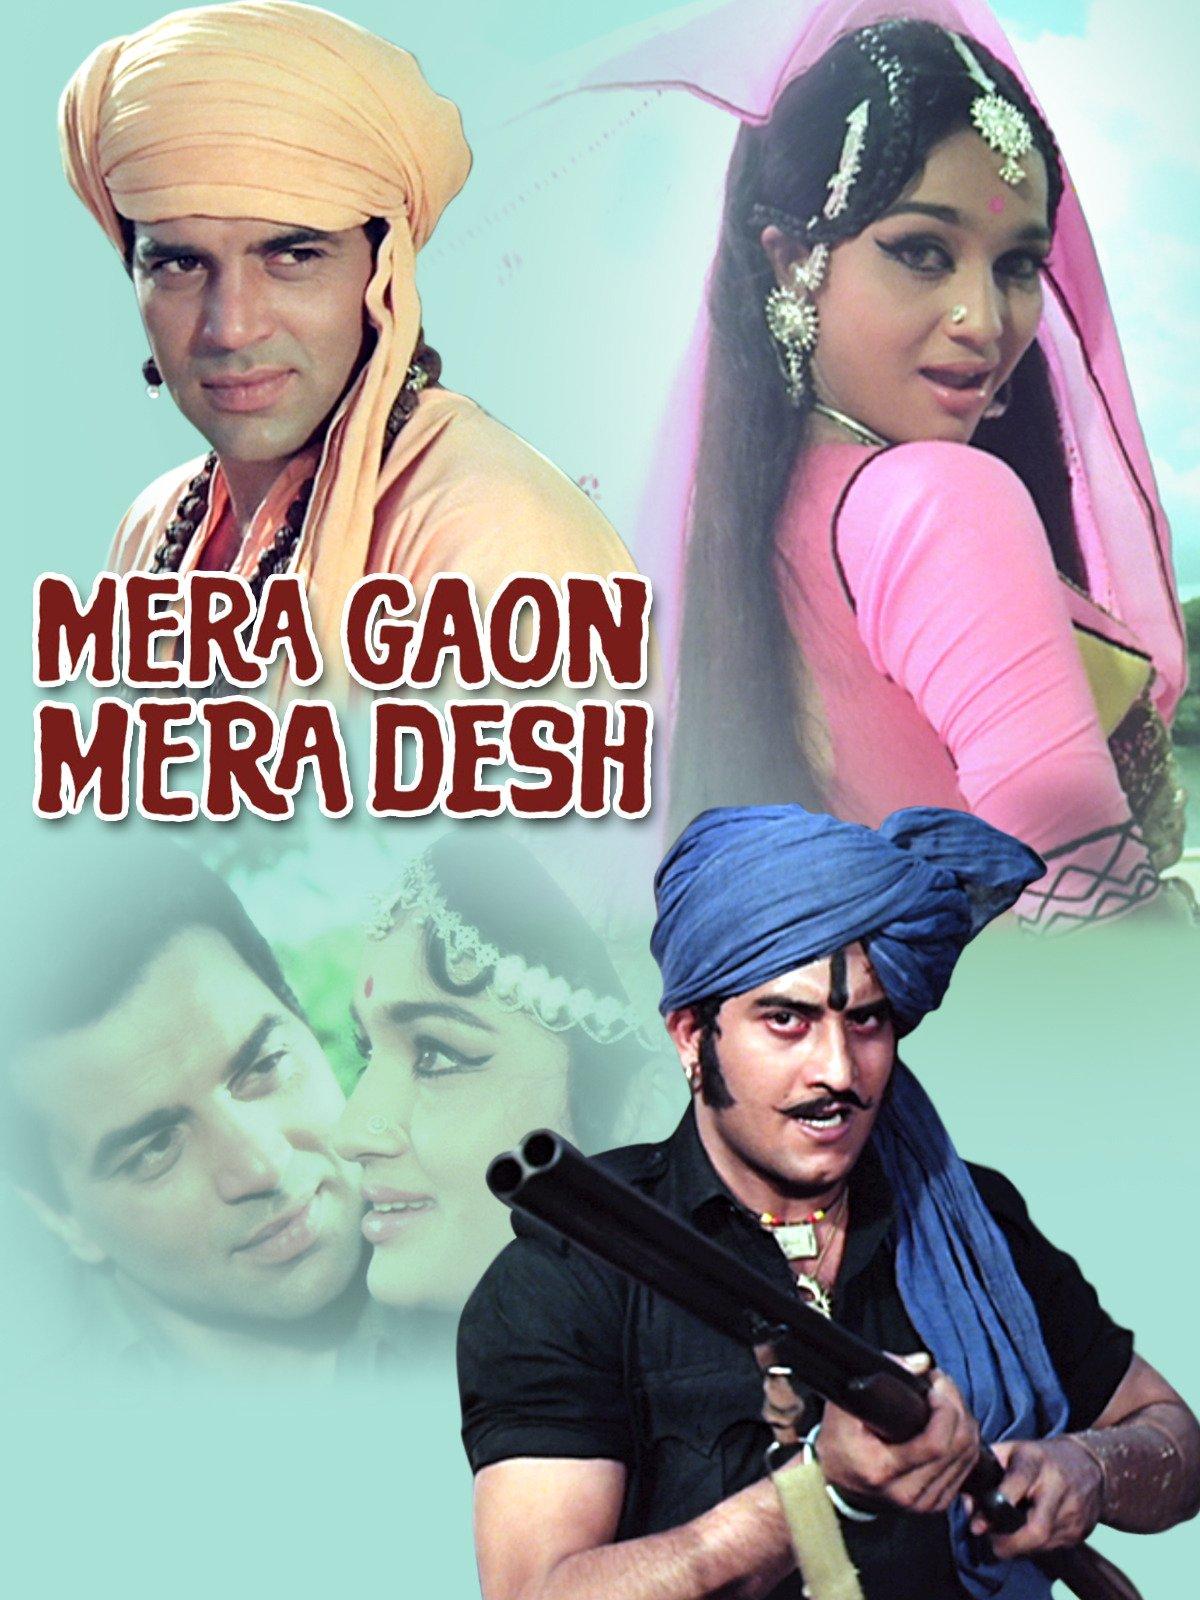 Mera gaon mera desh hindi movie mp3 songs free download.